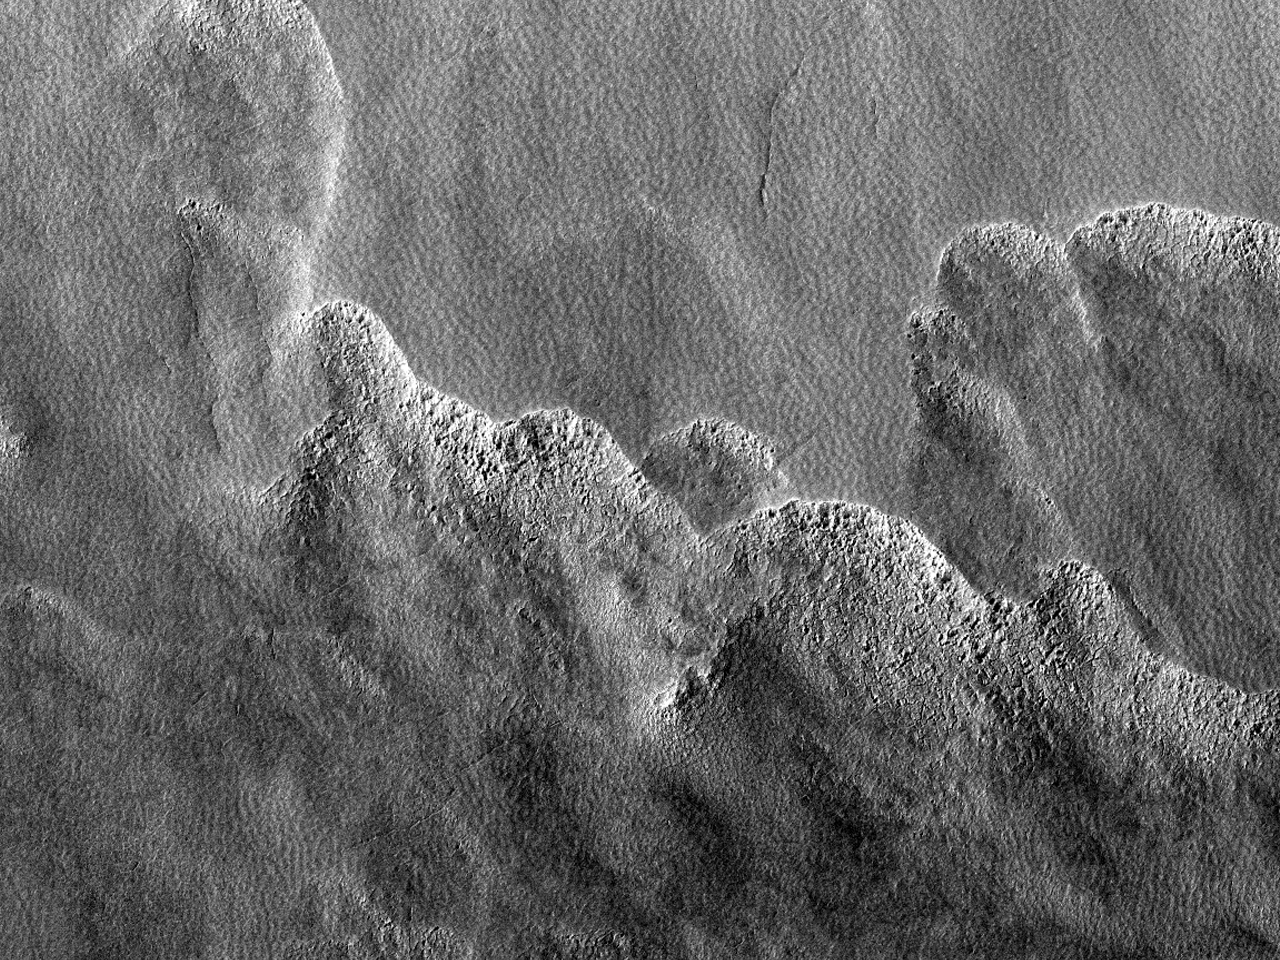 Terreng sør for Hellas Planitia